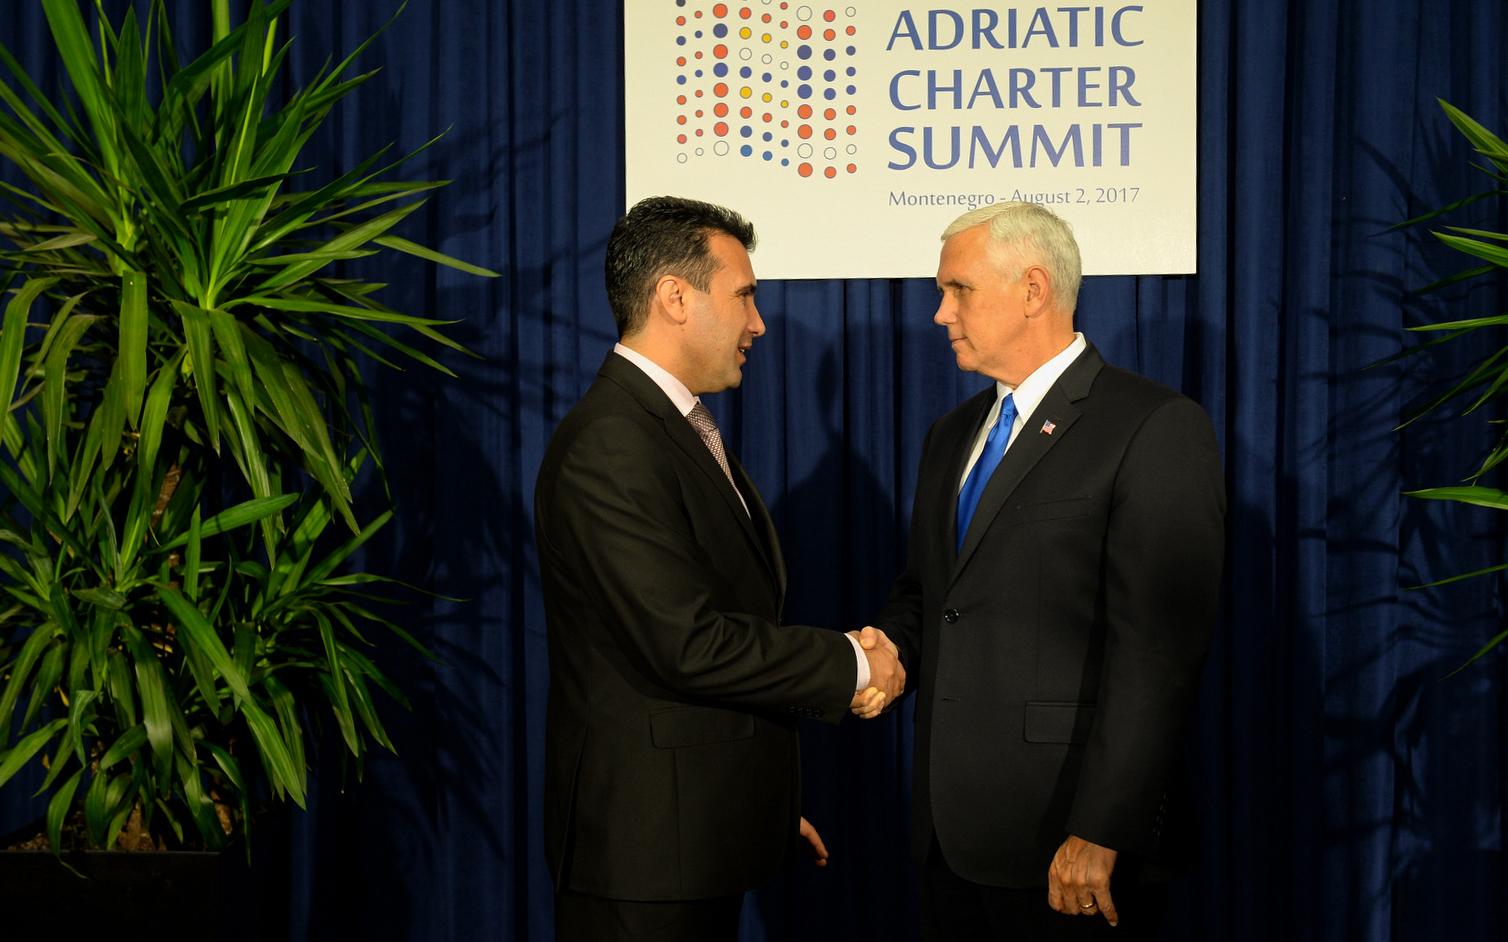 ΠΓΔΜ: Ο Zoran Zaev μεταβαίνει στην Ουάσιγκτον για συνάντηση με τον Αντιπρόεδρο των ΗΠΑ, Mike Pence